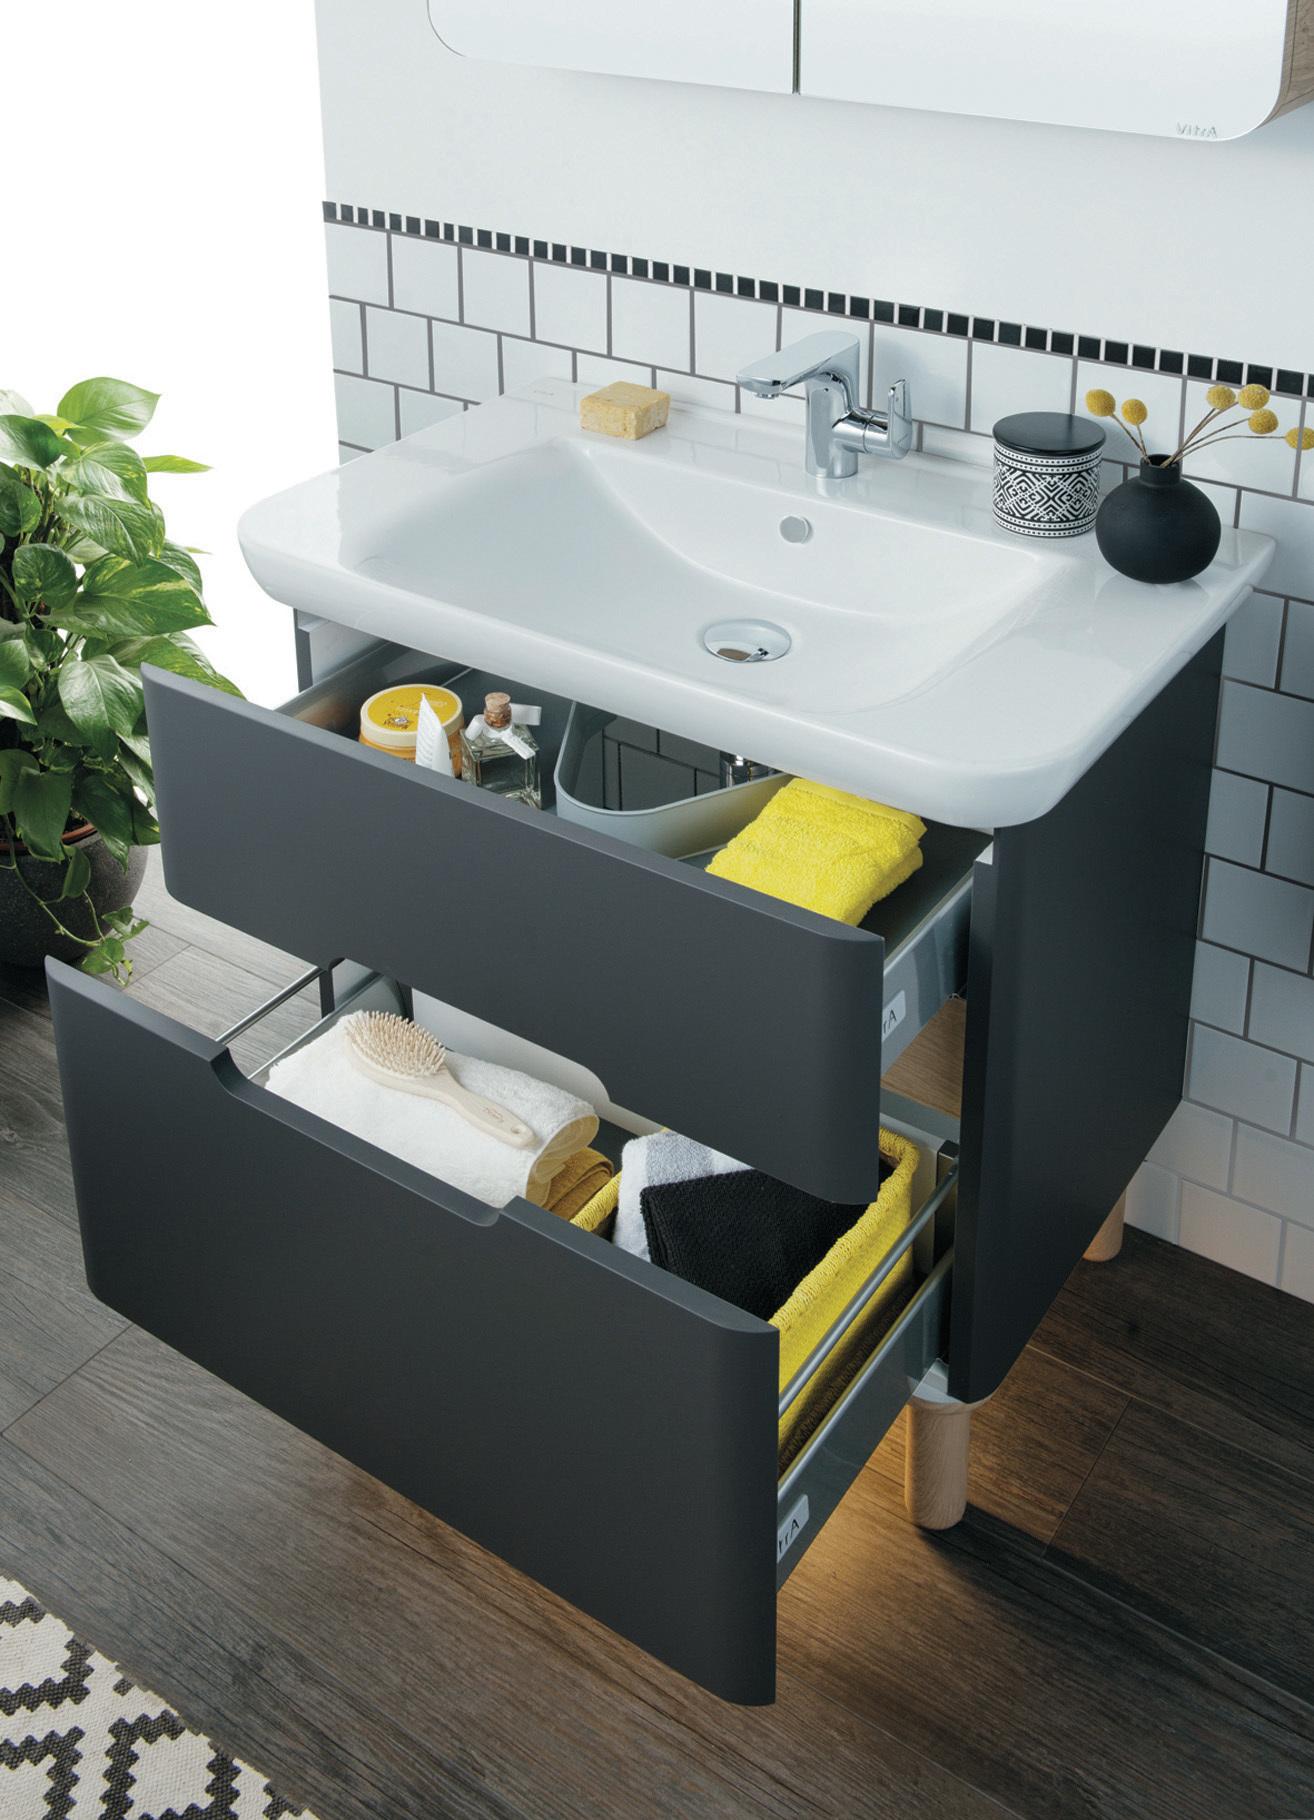 Sento Vanity Unit By Vitra Bathroom Stylepark